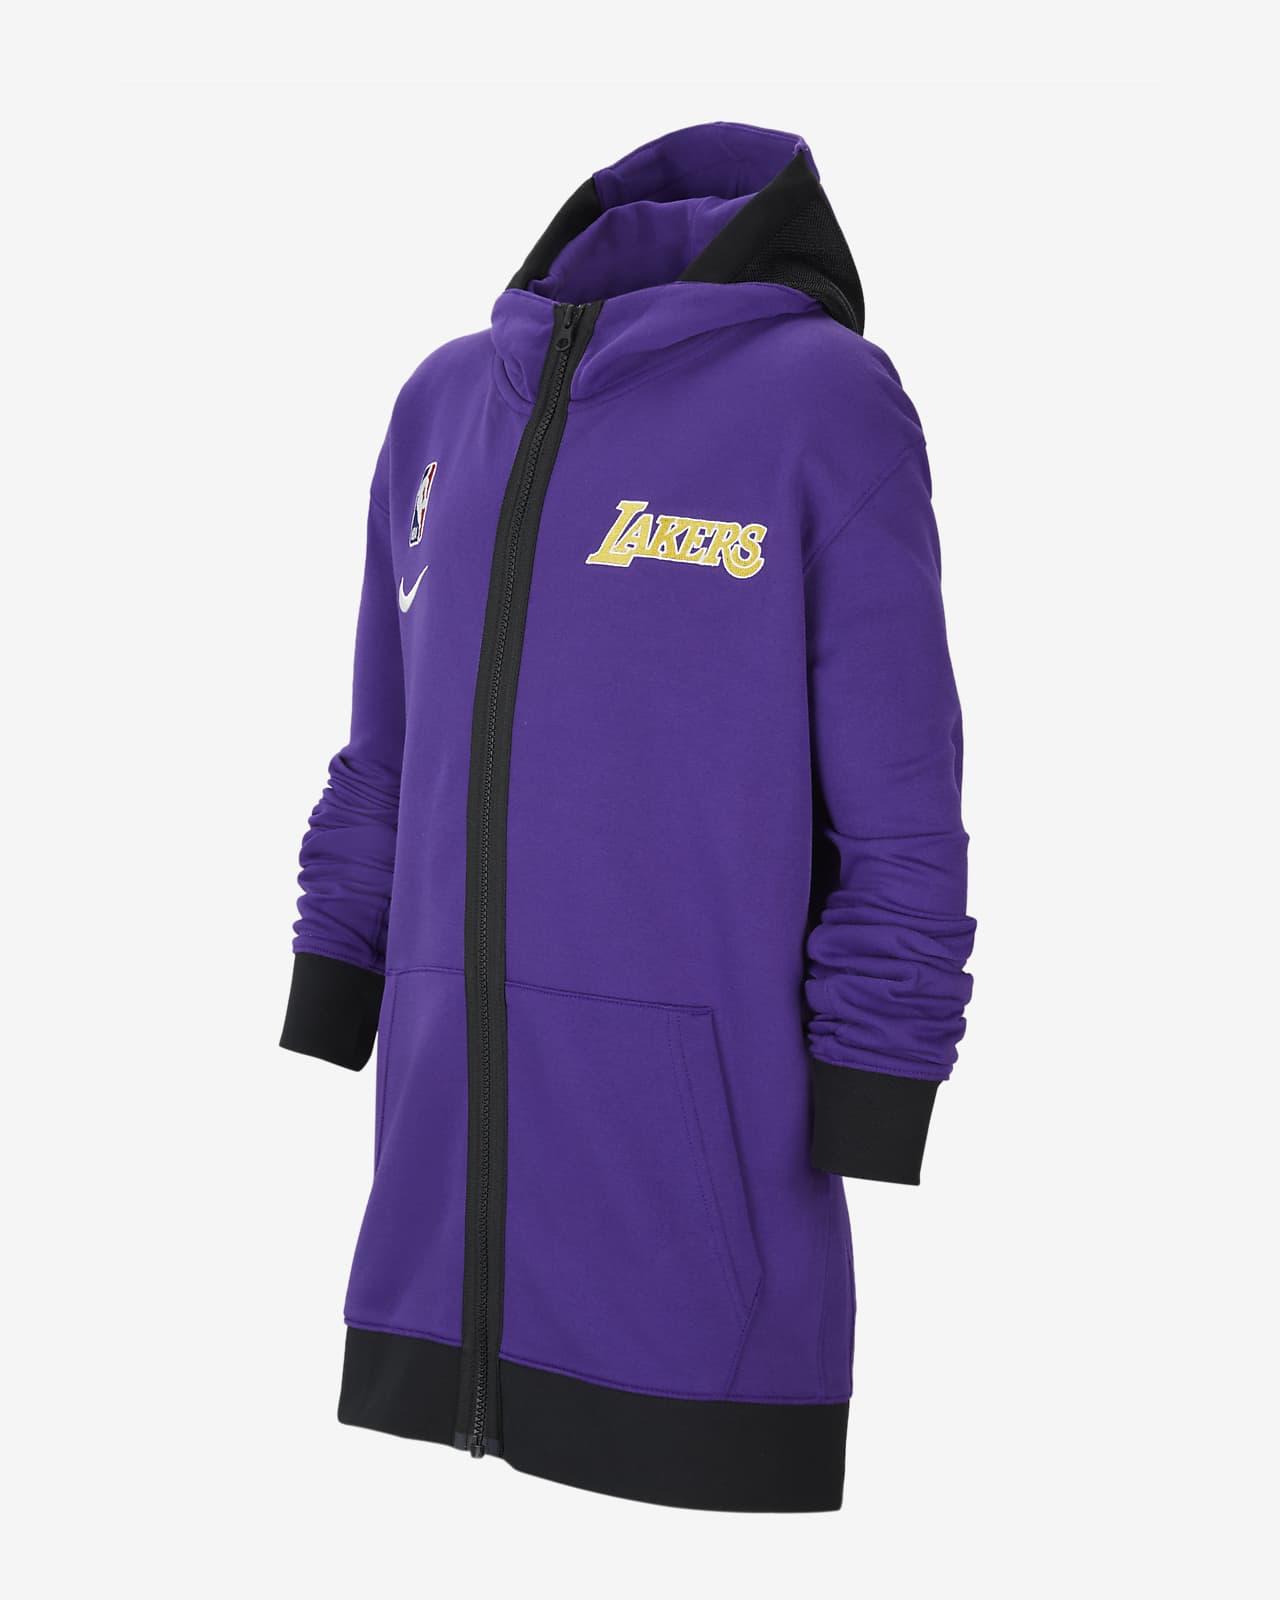 Los Angeles Lakers Showtime Older Kids' Nike Therma Flex NBA Hoodie